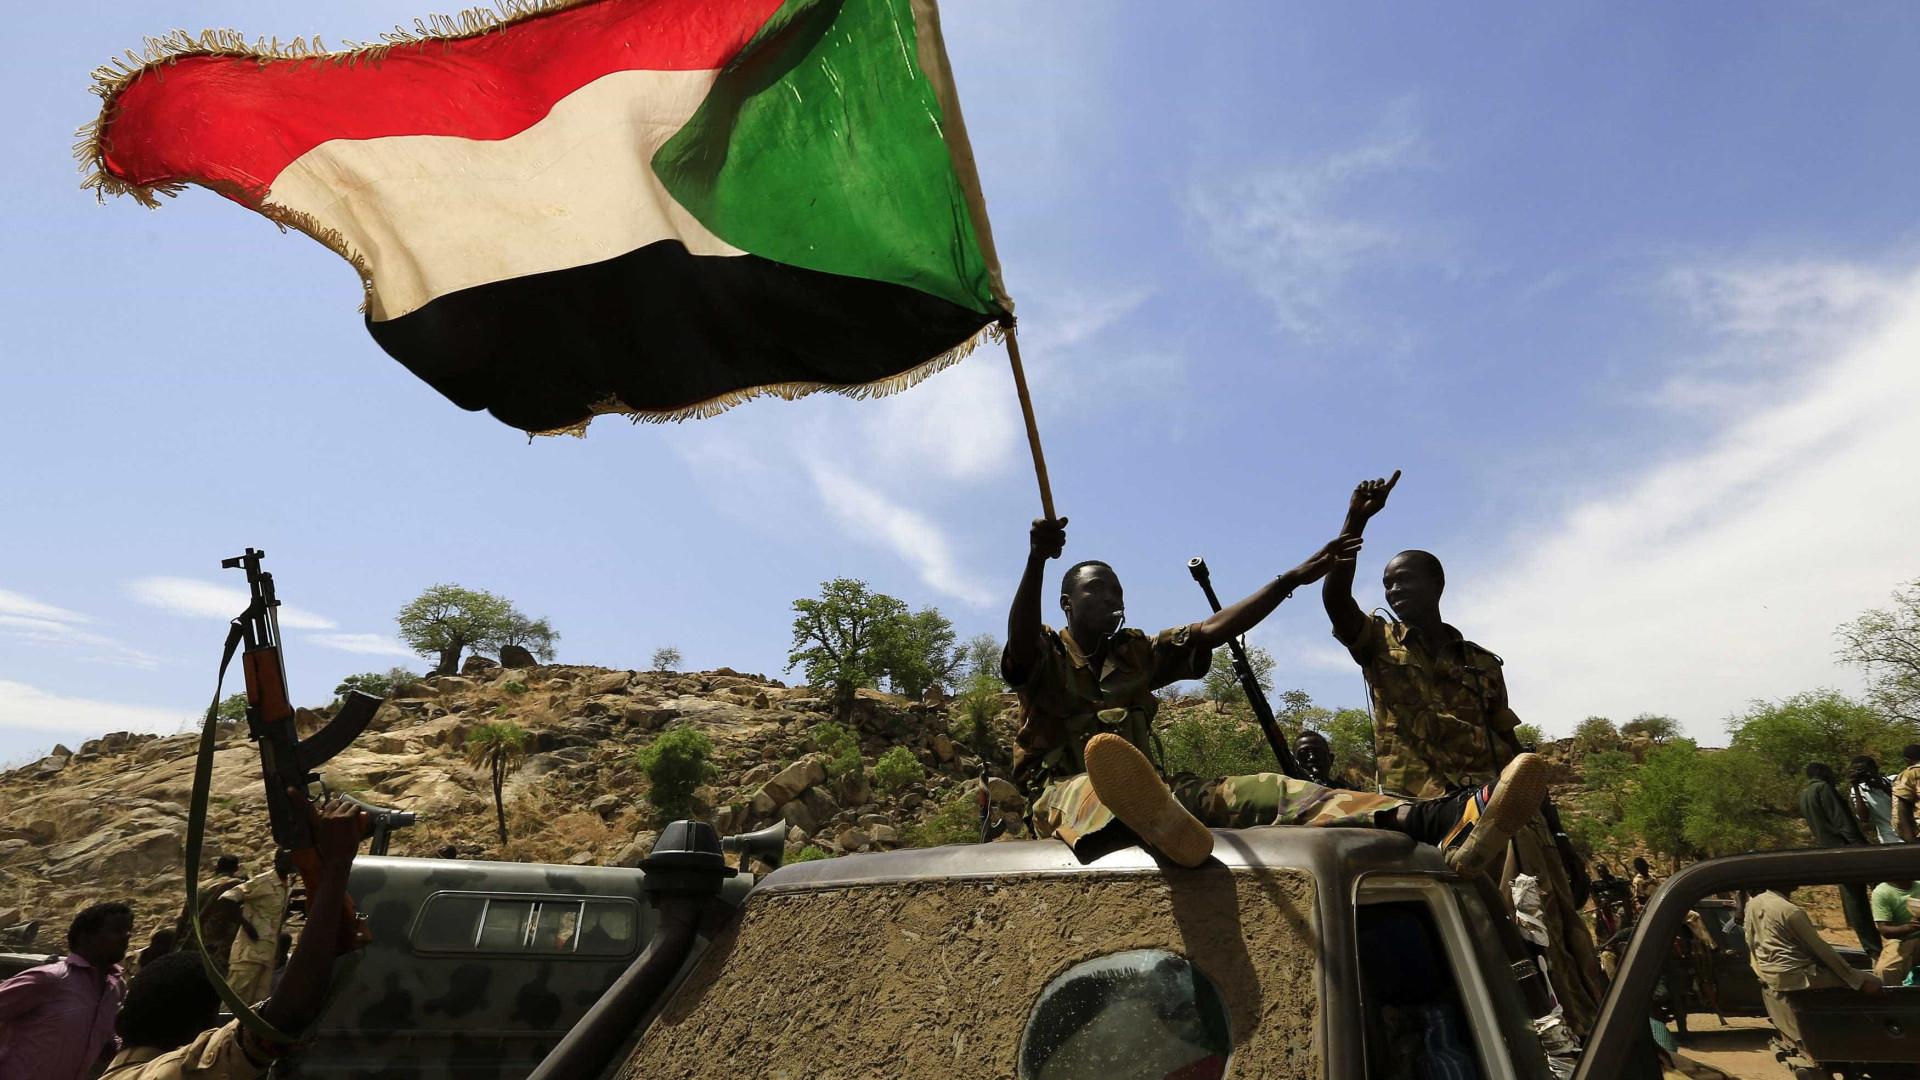 Manifestantes no Sudão pedem dissolução do Governo militar-civil